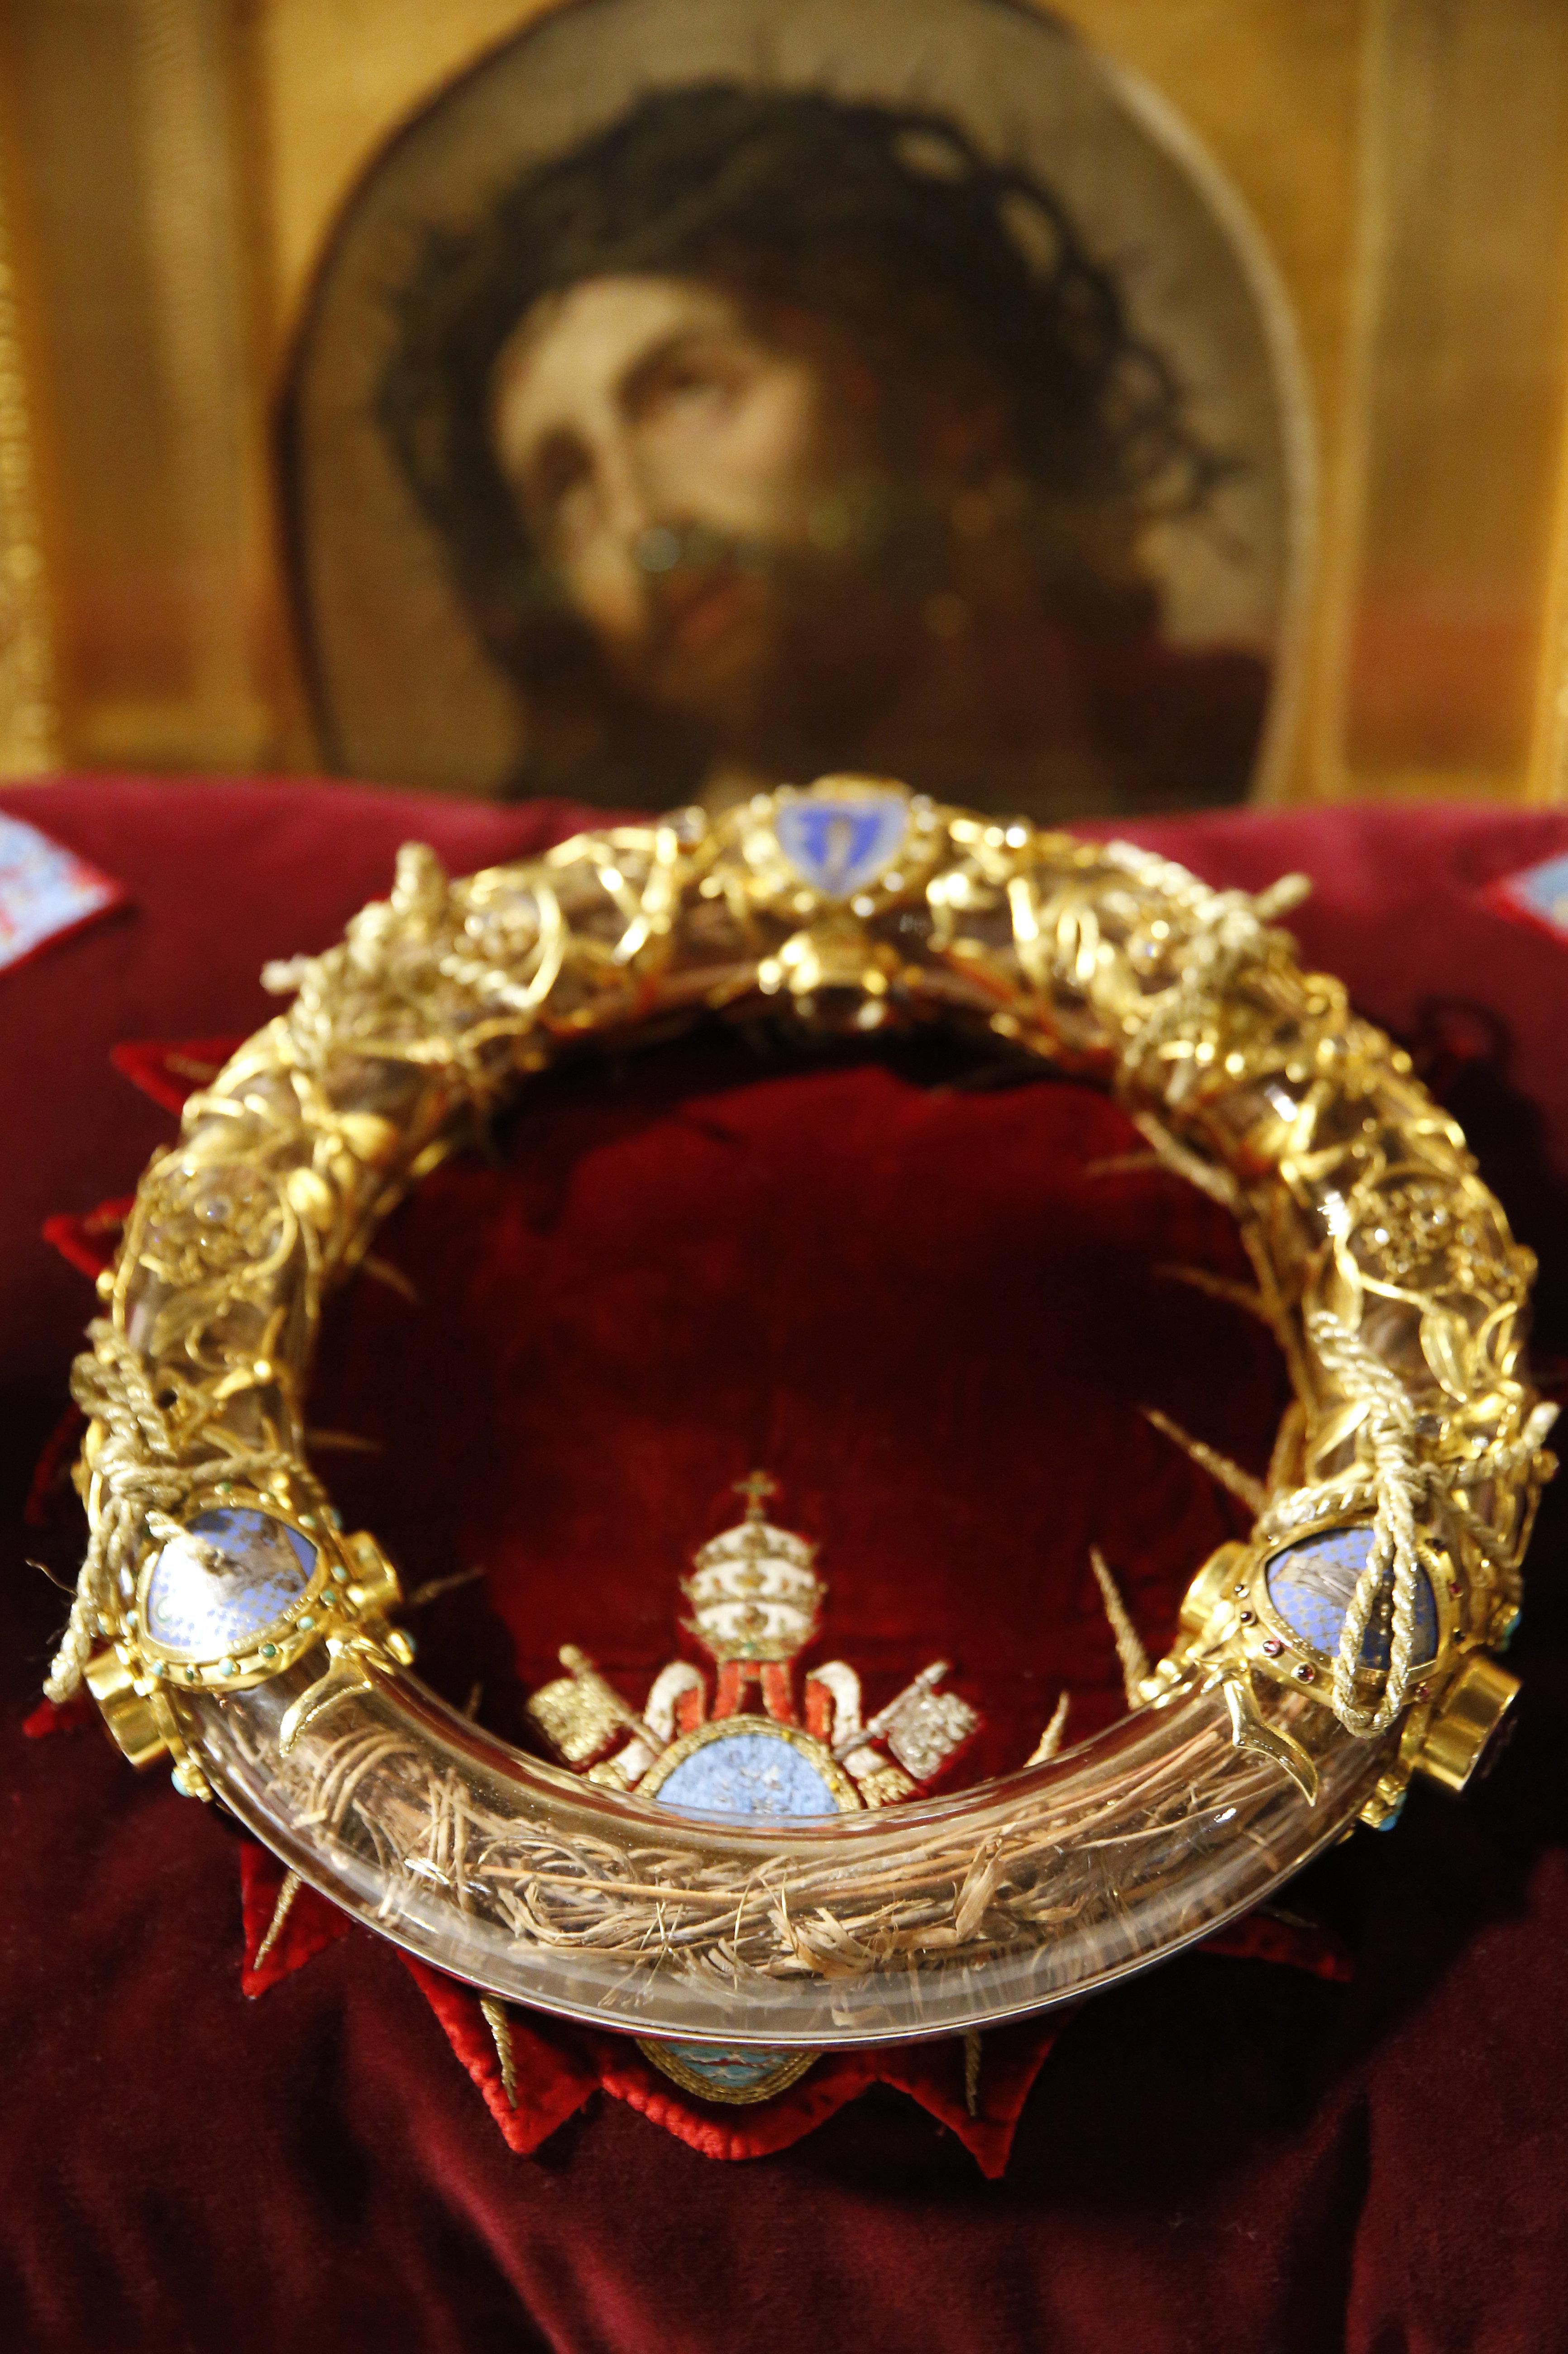 ノートルダム大聖堂、聖遺物「いばらの冠」と「聖ルイのチュニック」を炎の中から運び出す